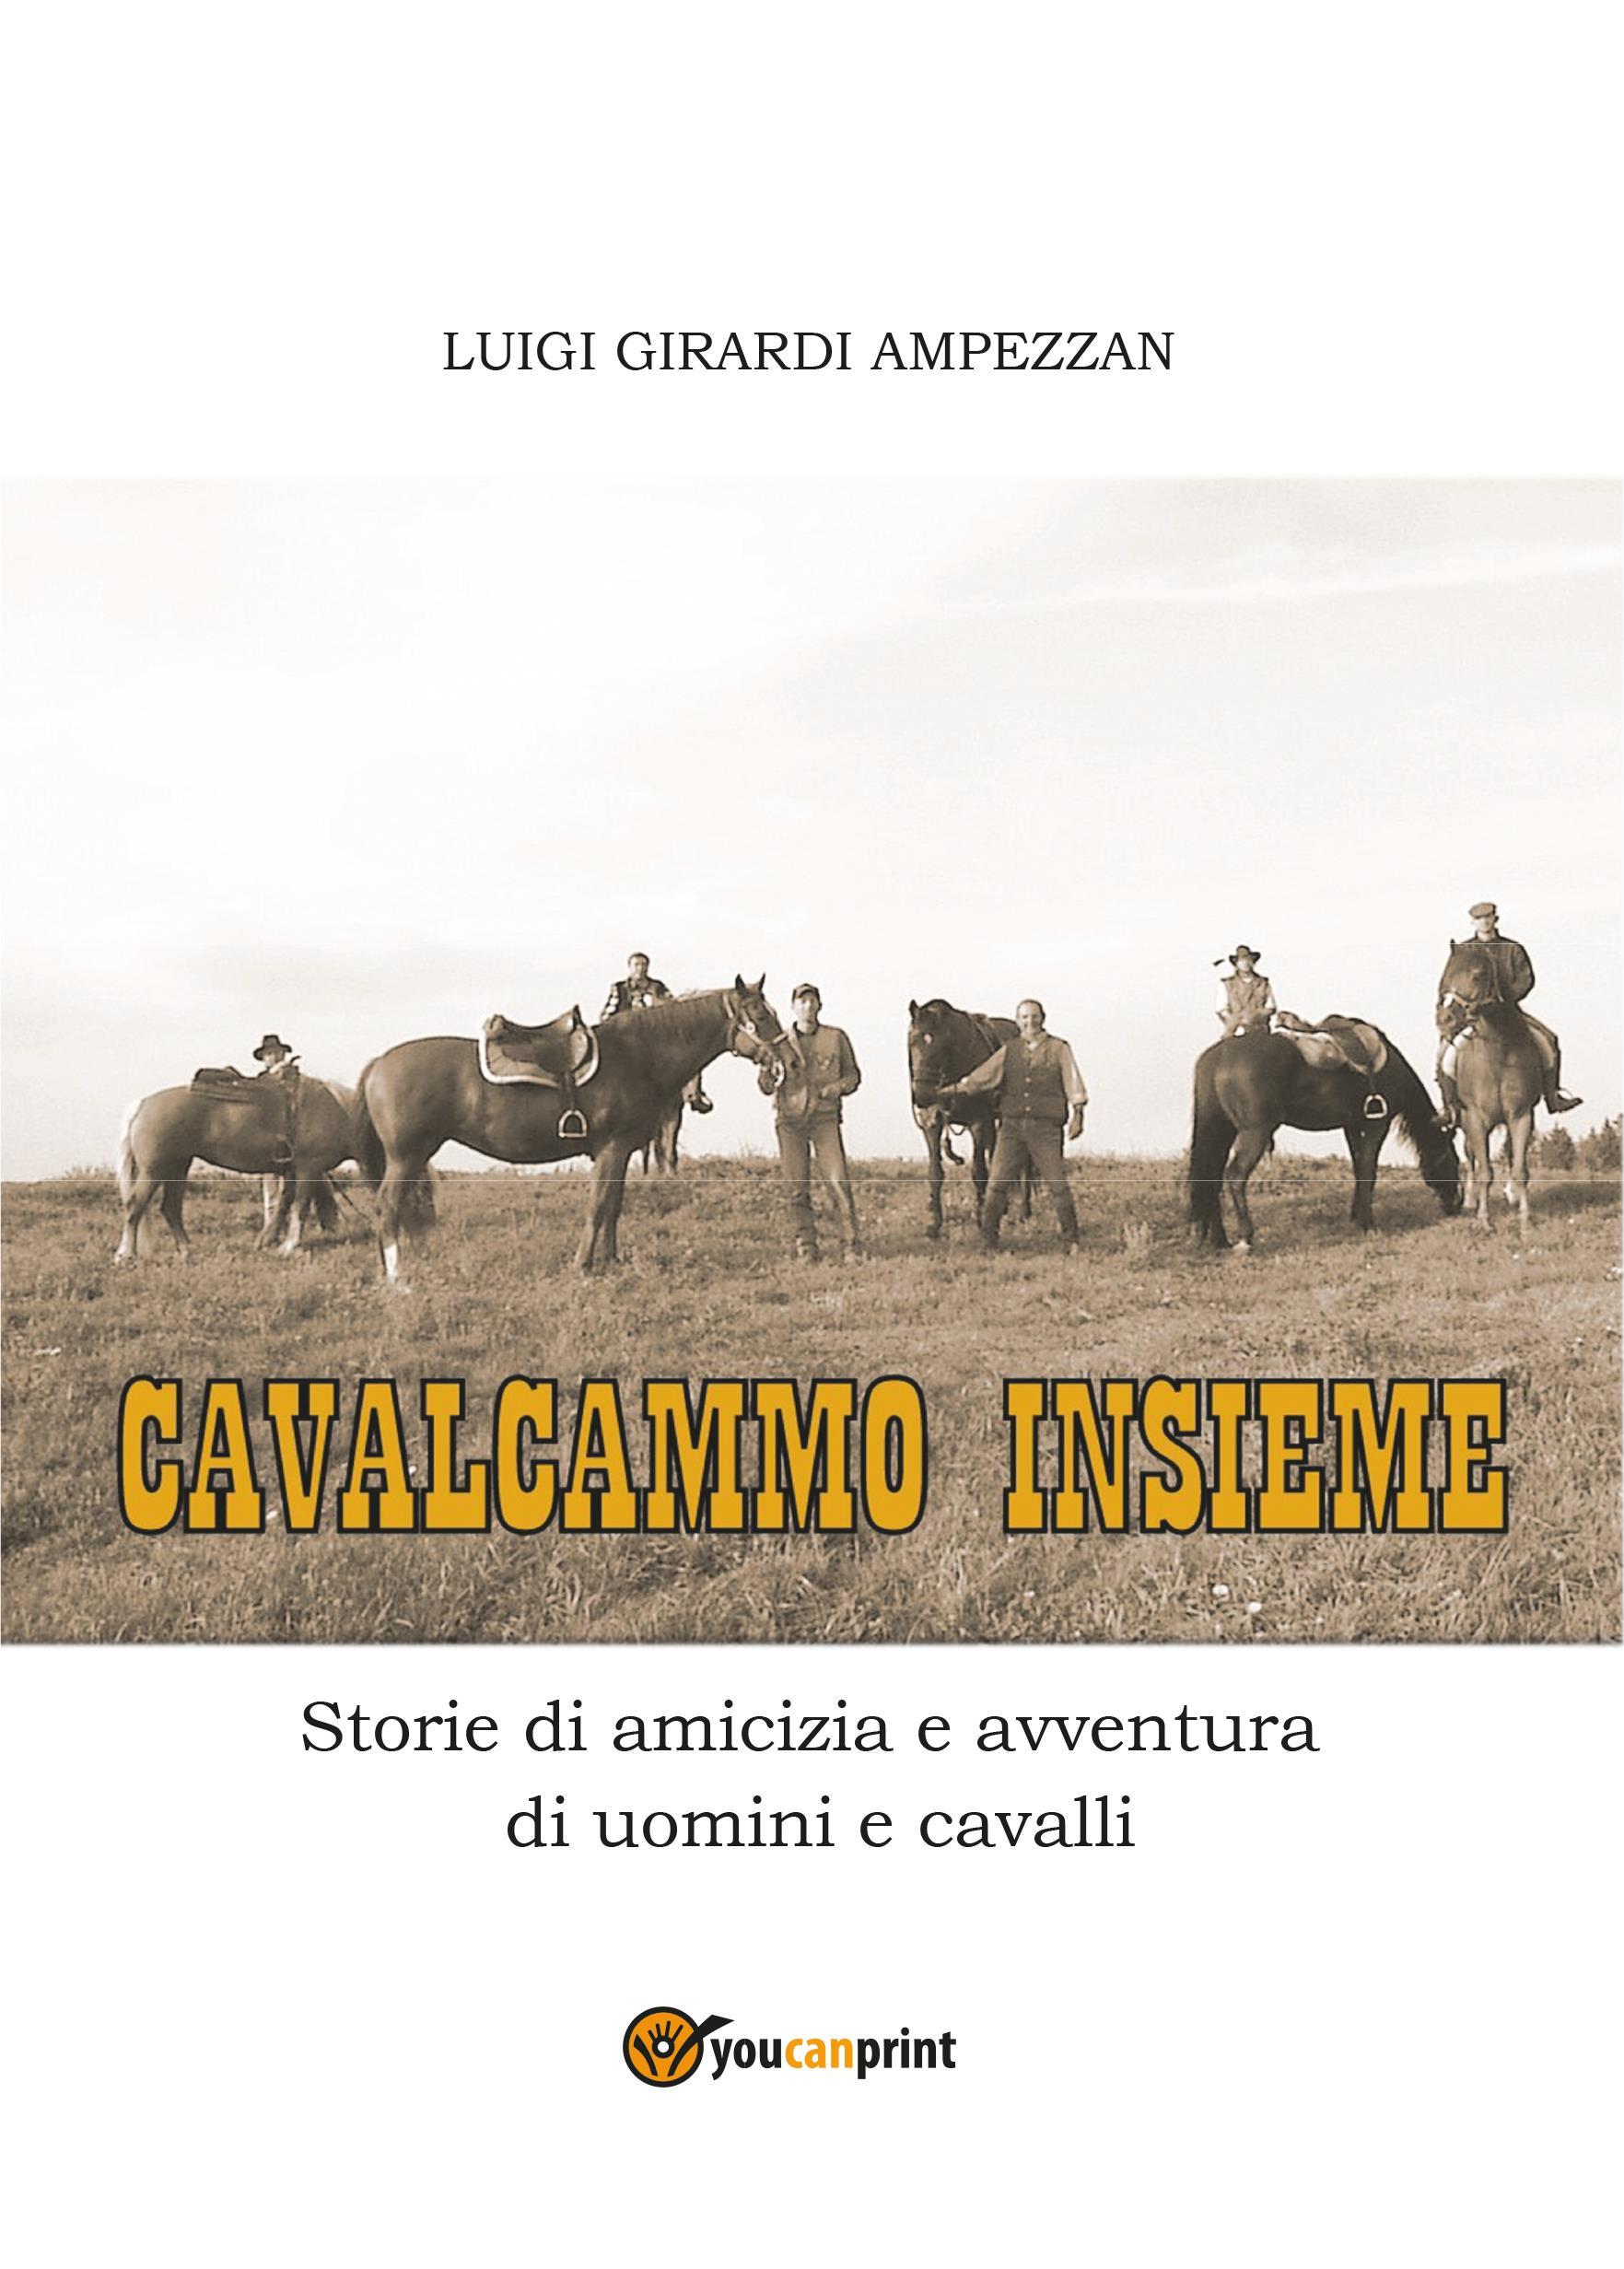 Cavalcammo insieme - Storie di amicizia e avventura di uomini e cavalli